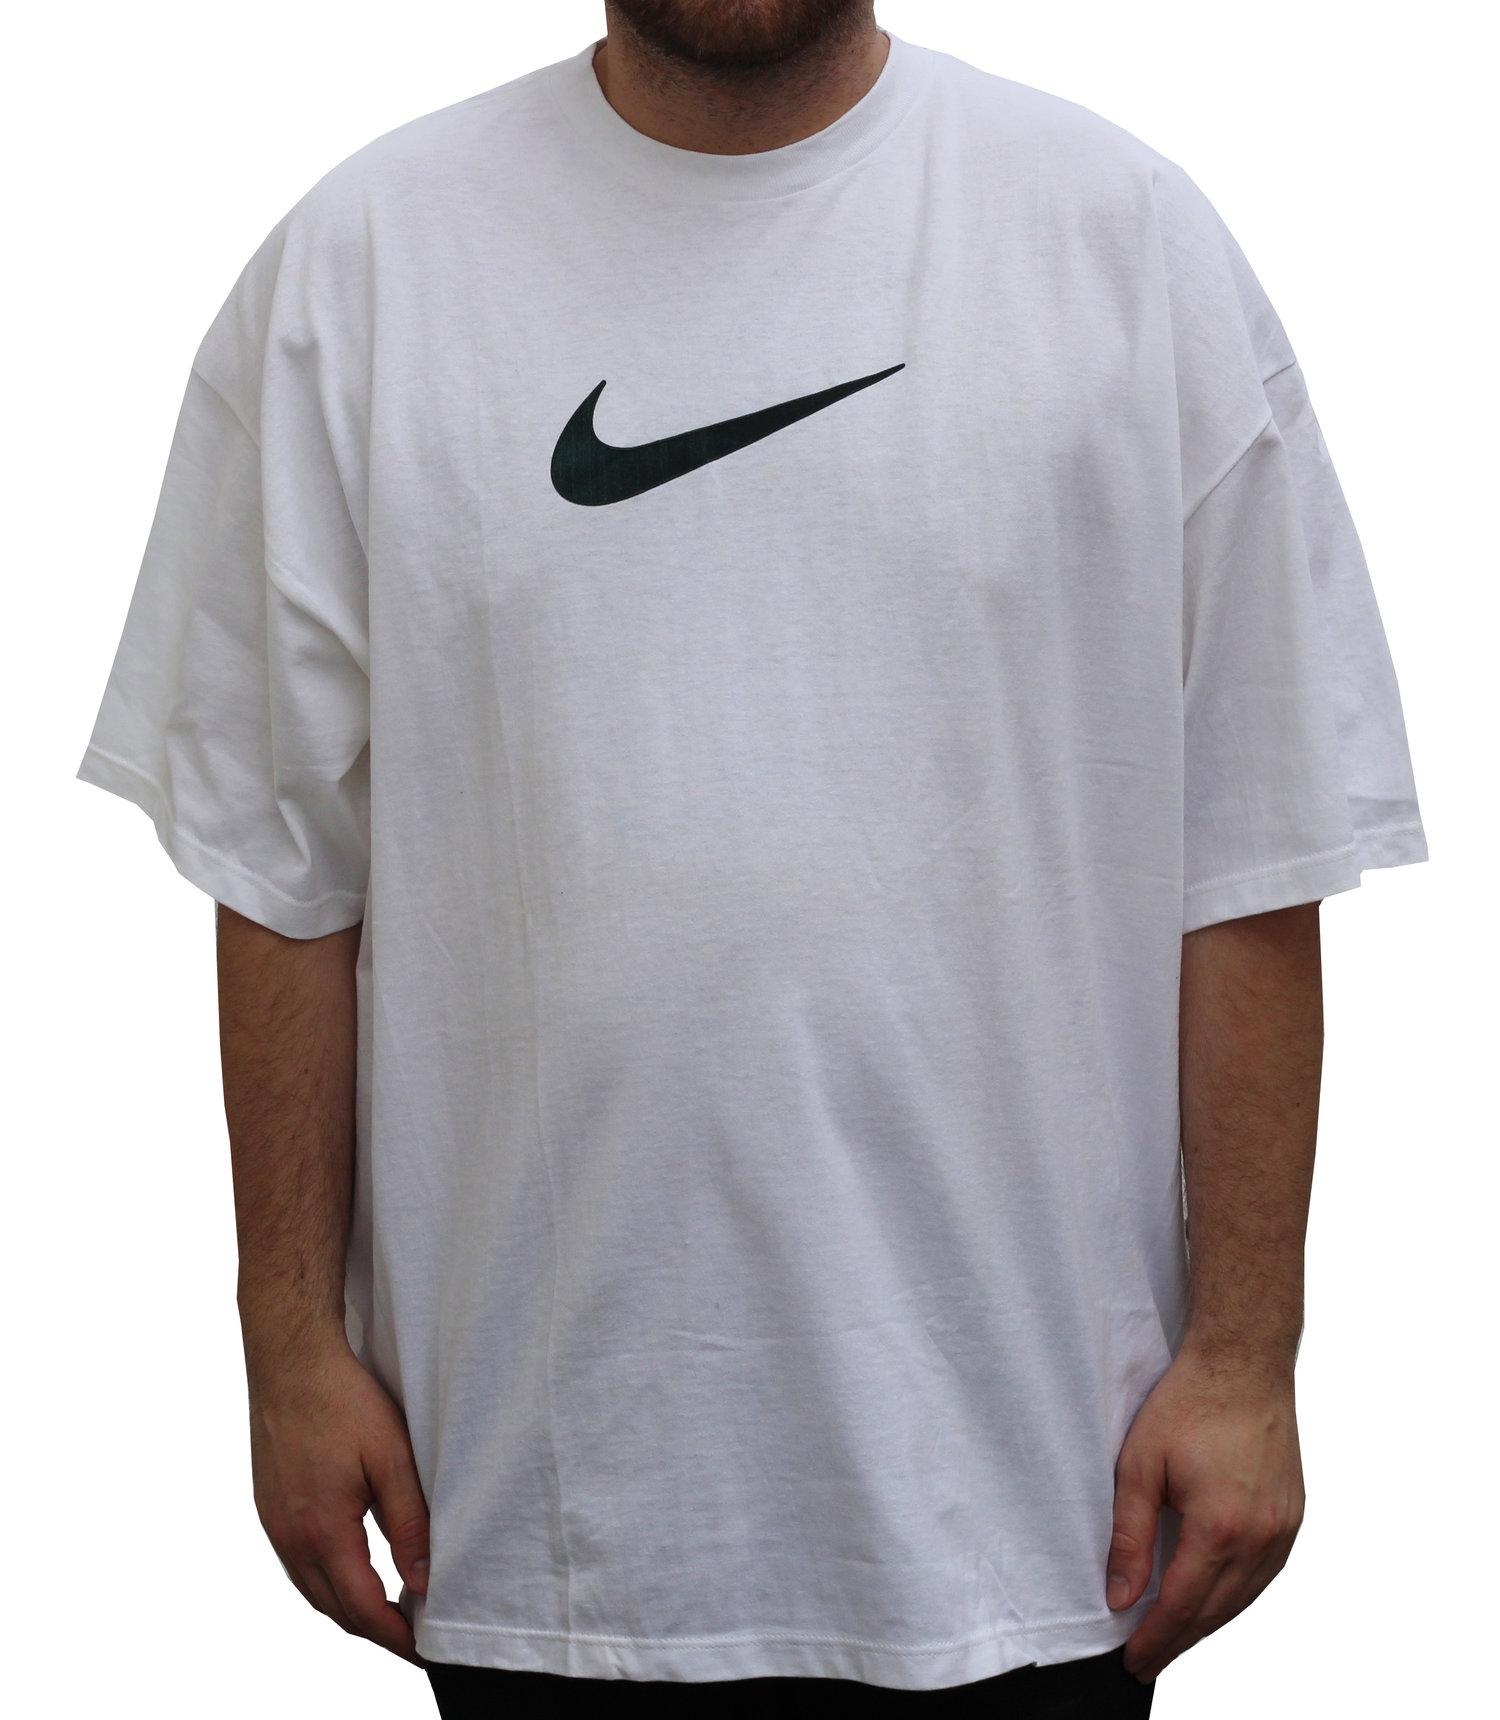 ed79e807 90s T Shirt Brands | Top Mode Depot